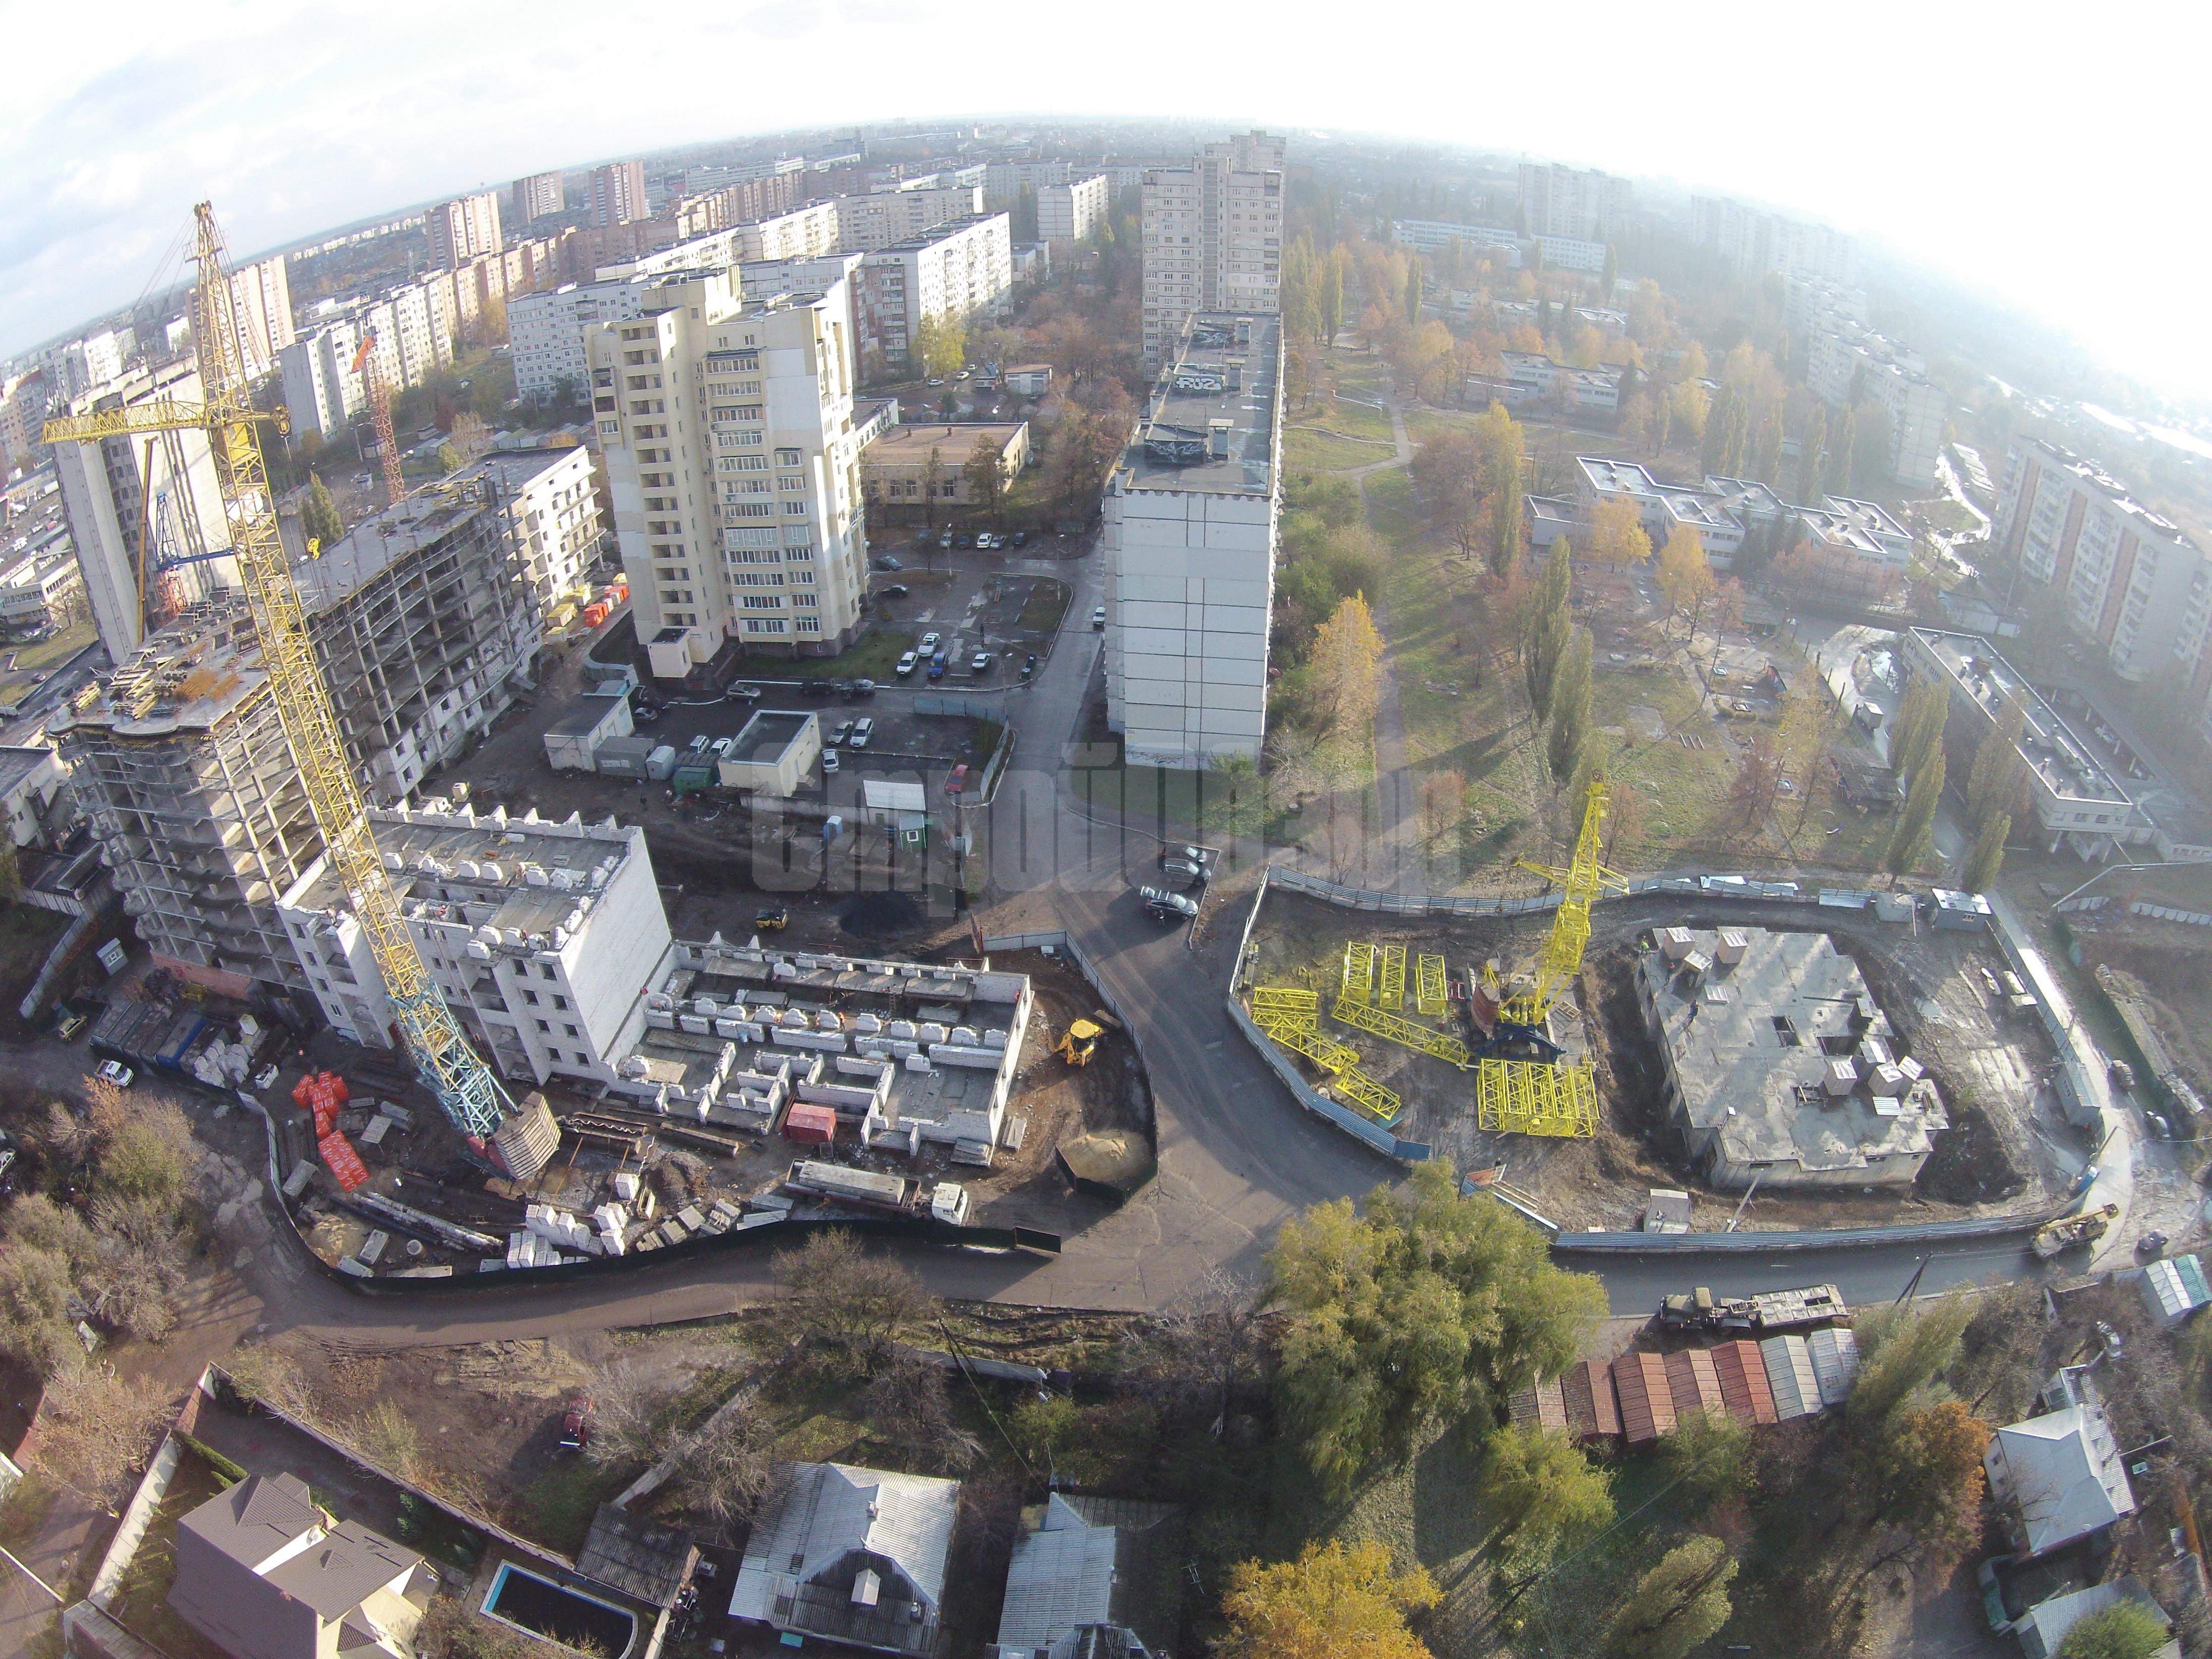 заборы стройплощадок разделяют 20 метров